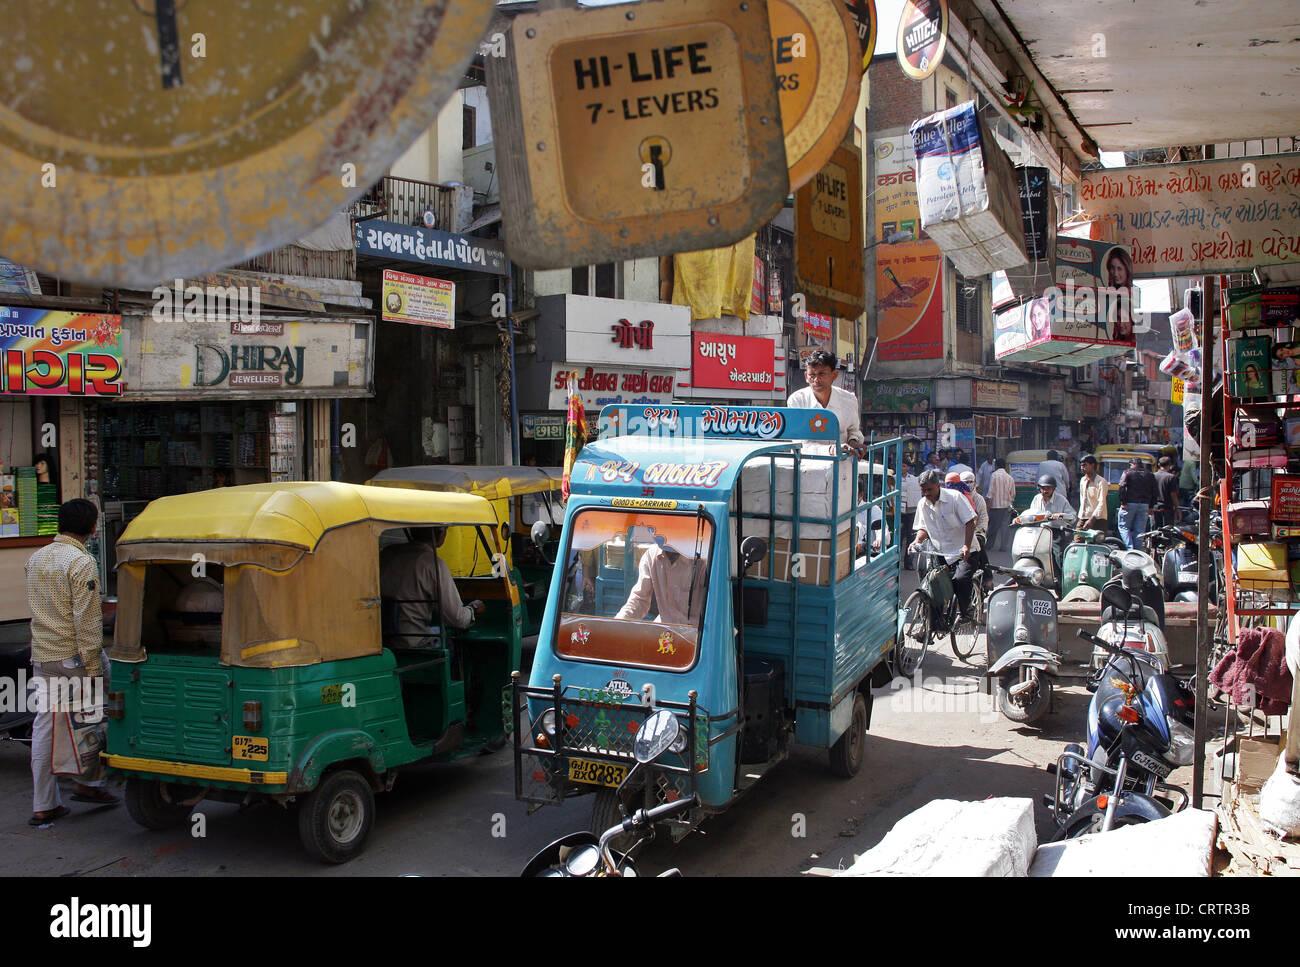 schmale Straße, alte Stadt, Stadt Zentrum von Ahmedabad, Provinz Gujarat, Indien Stockbild